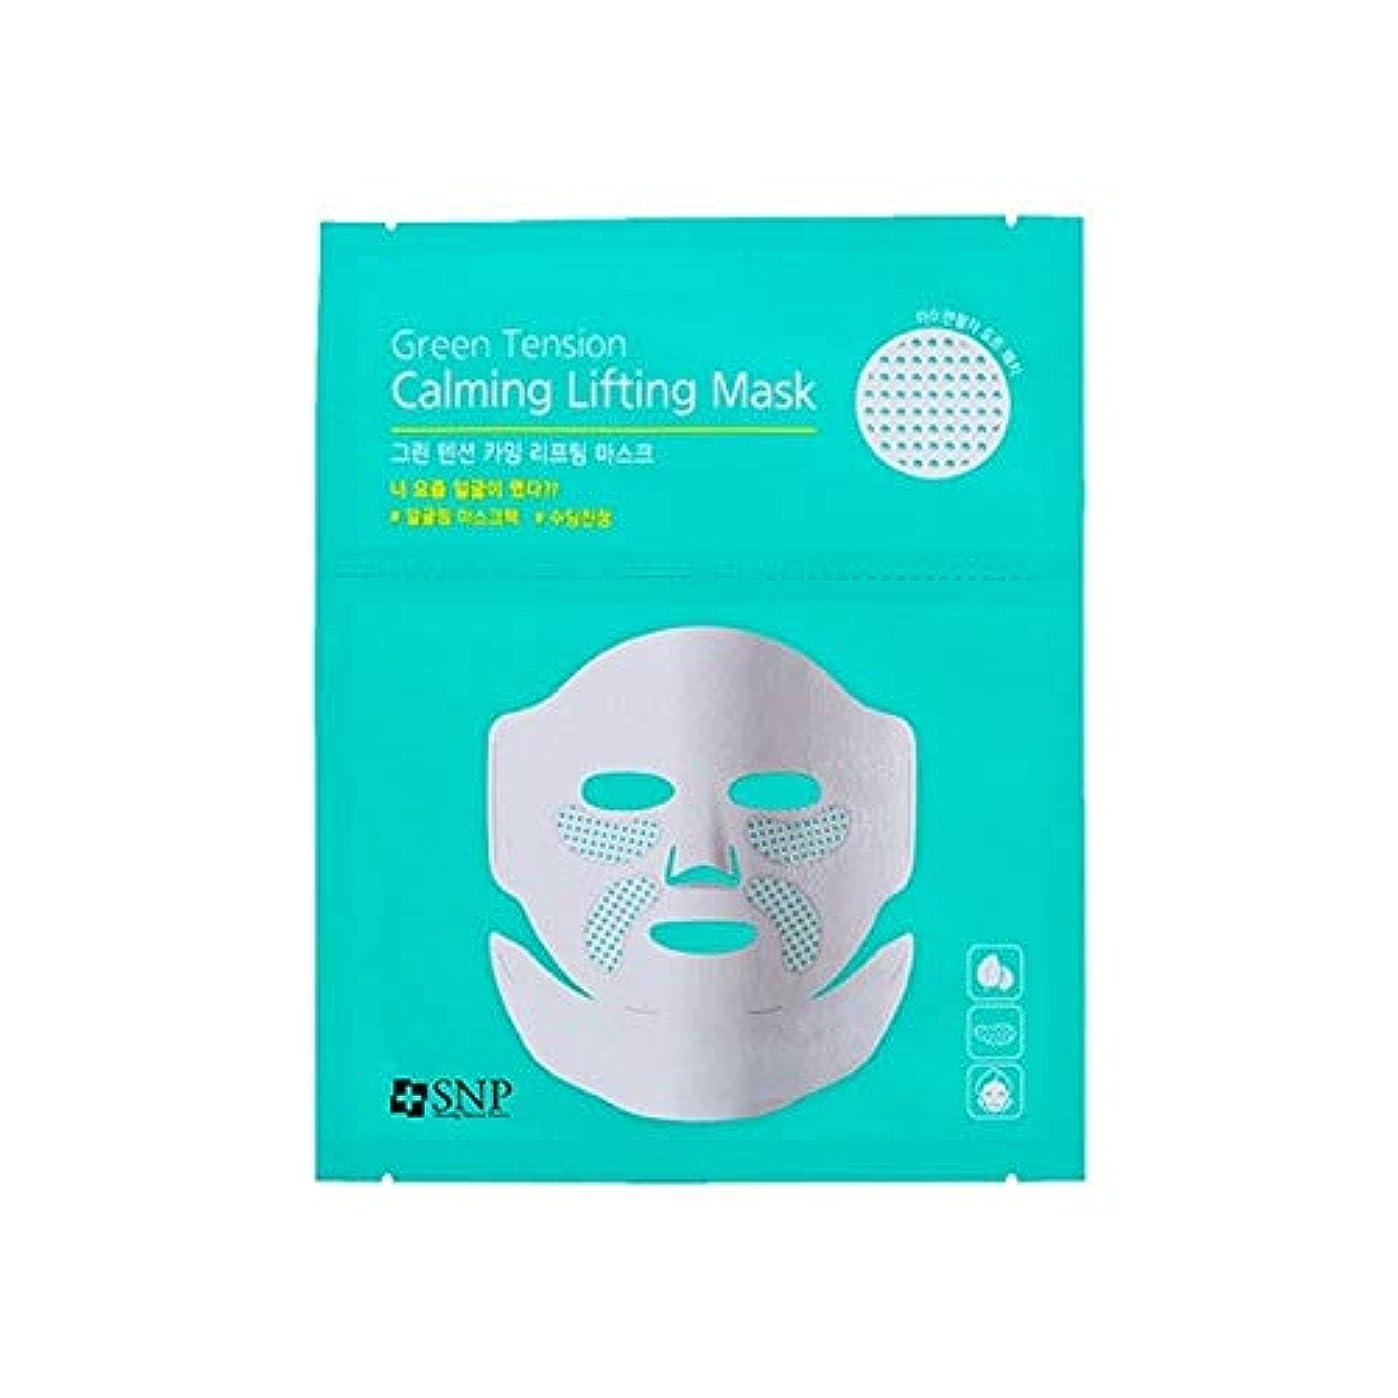 汚れたスクラップブック中毒[SNP] リフティングマスクを引き締めSnp緑の緊張 - SNP Green Tension Firming Lifting Mask [並行輸入品]